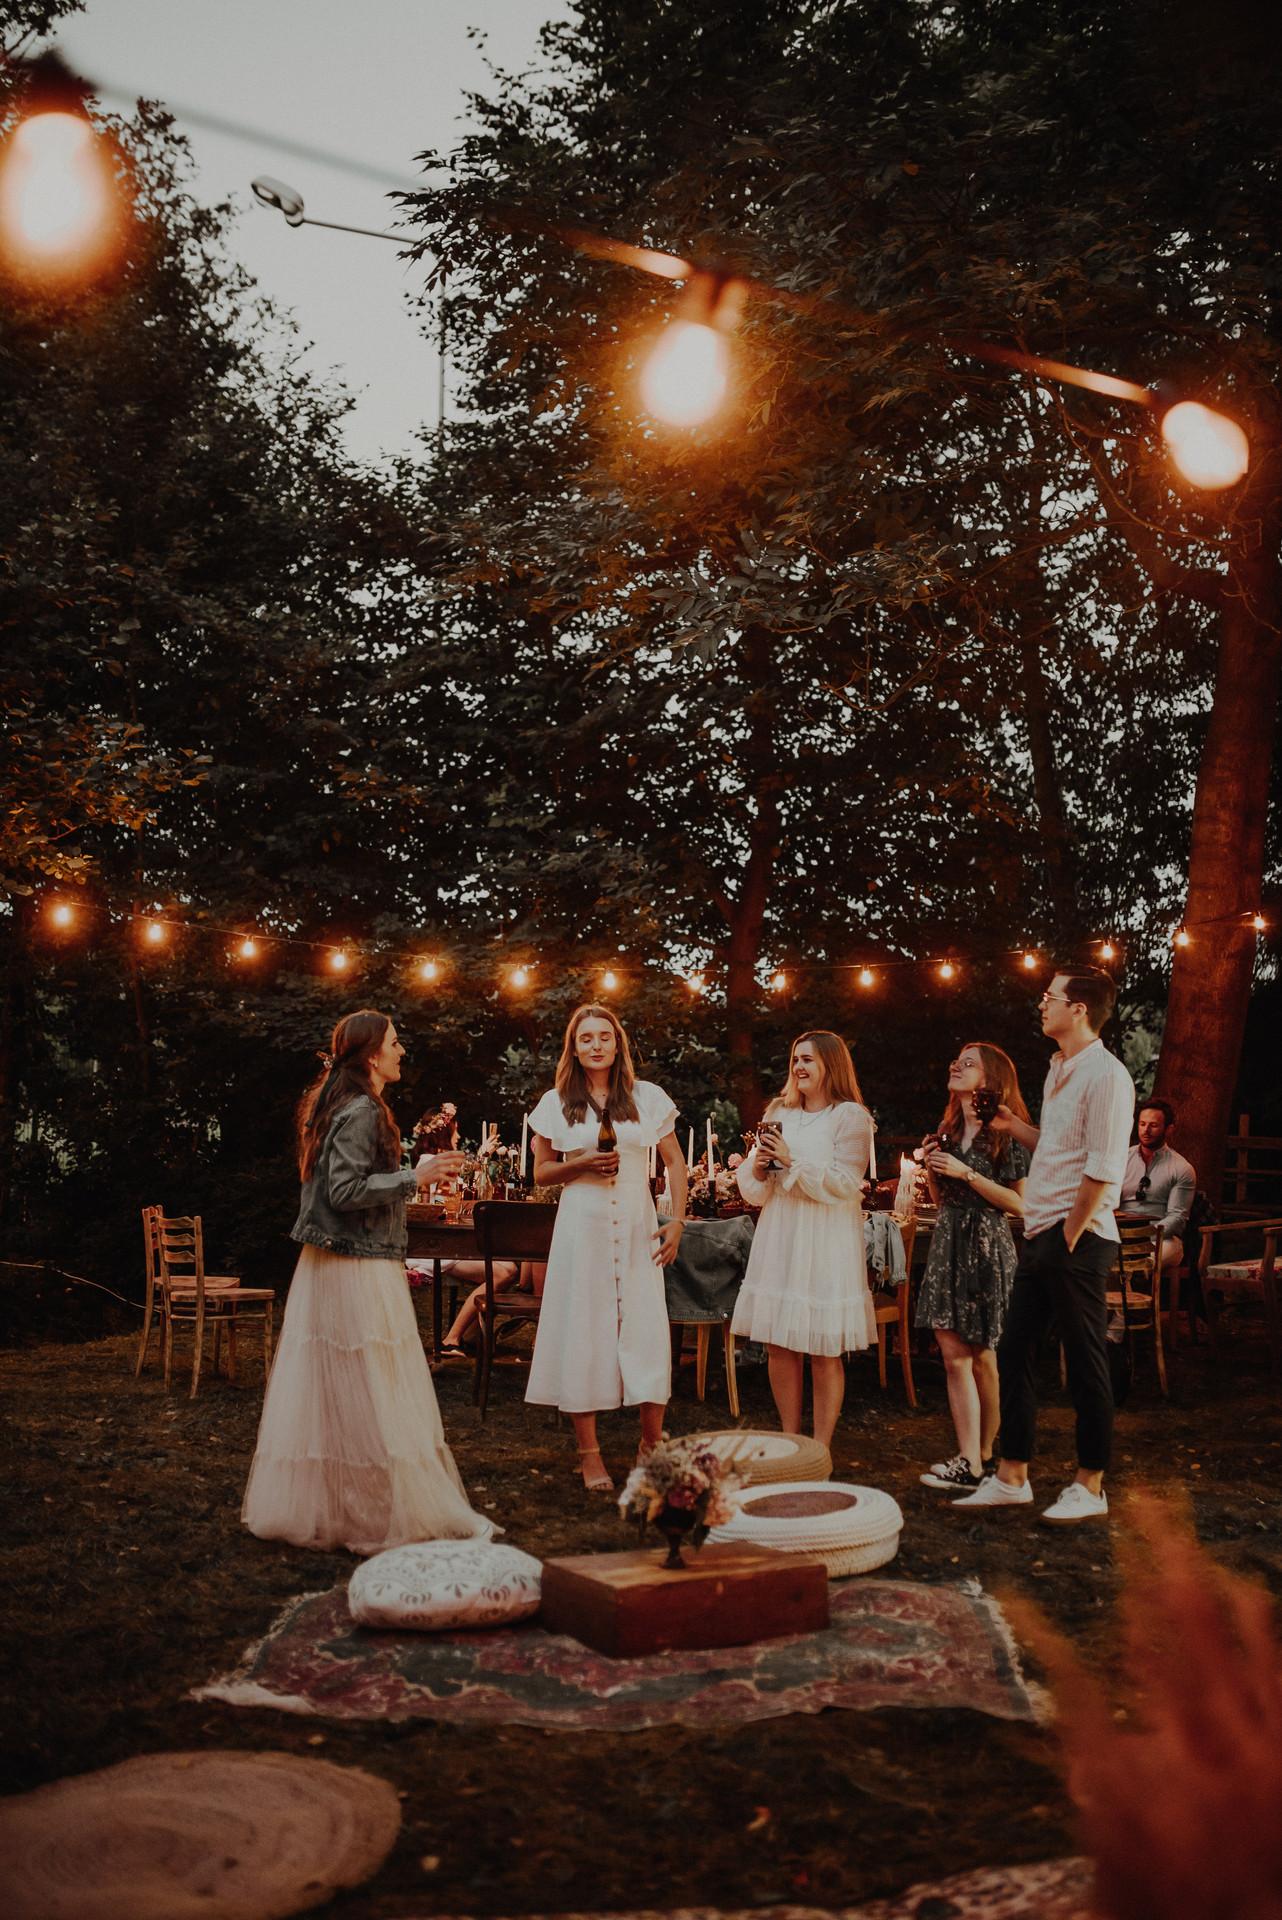 strefa chill, wesele w plenerze